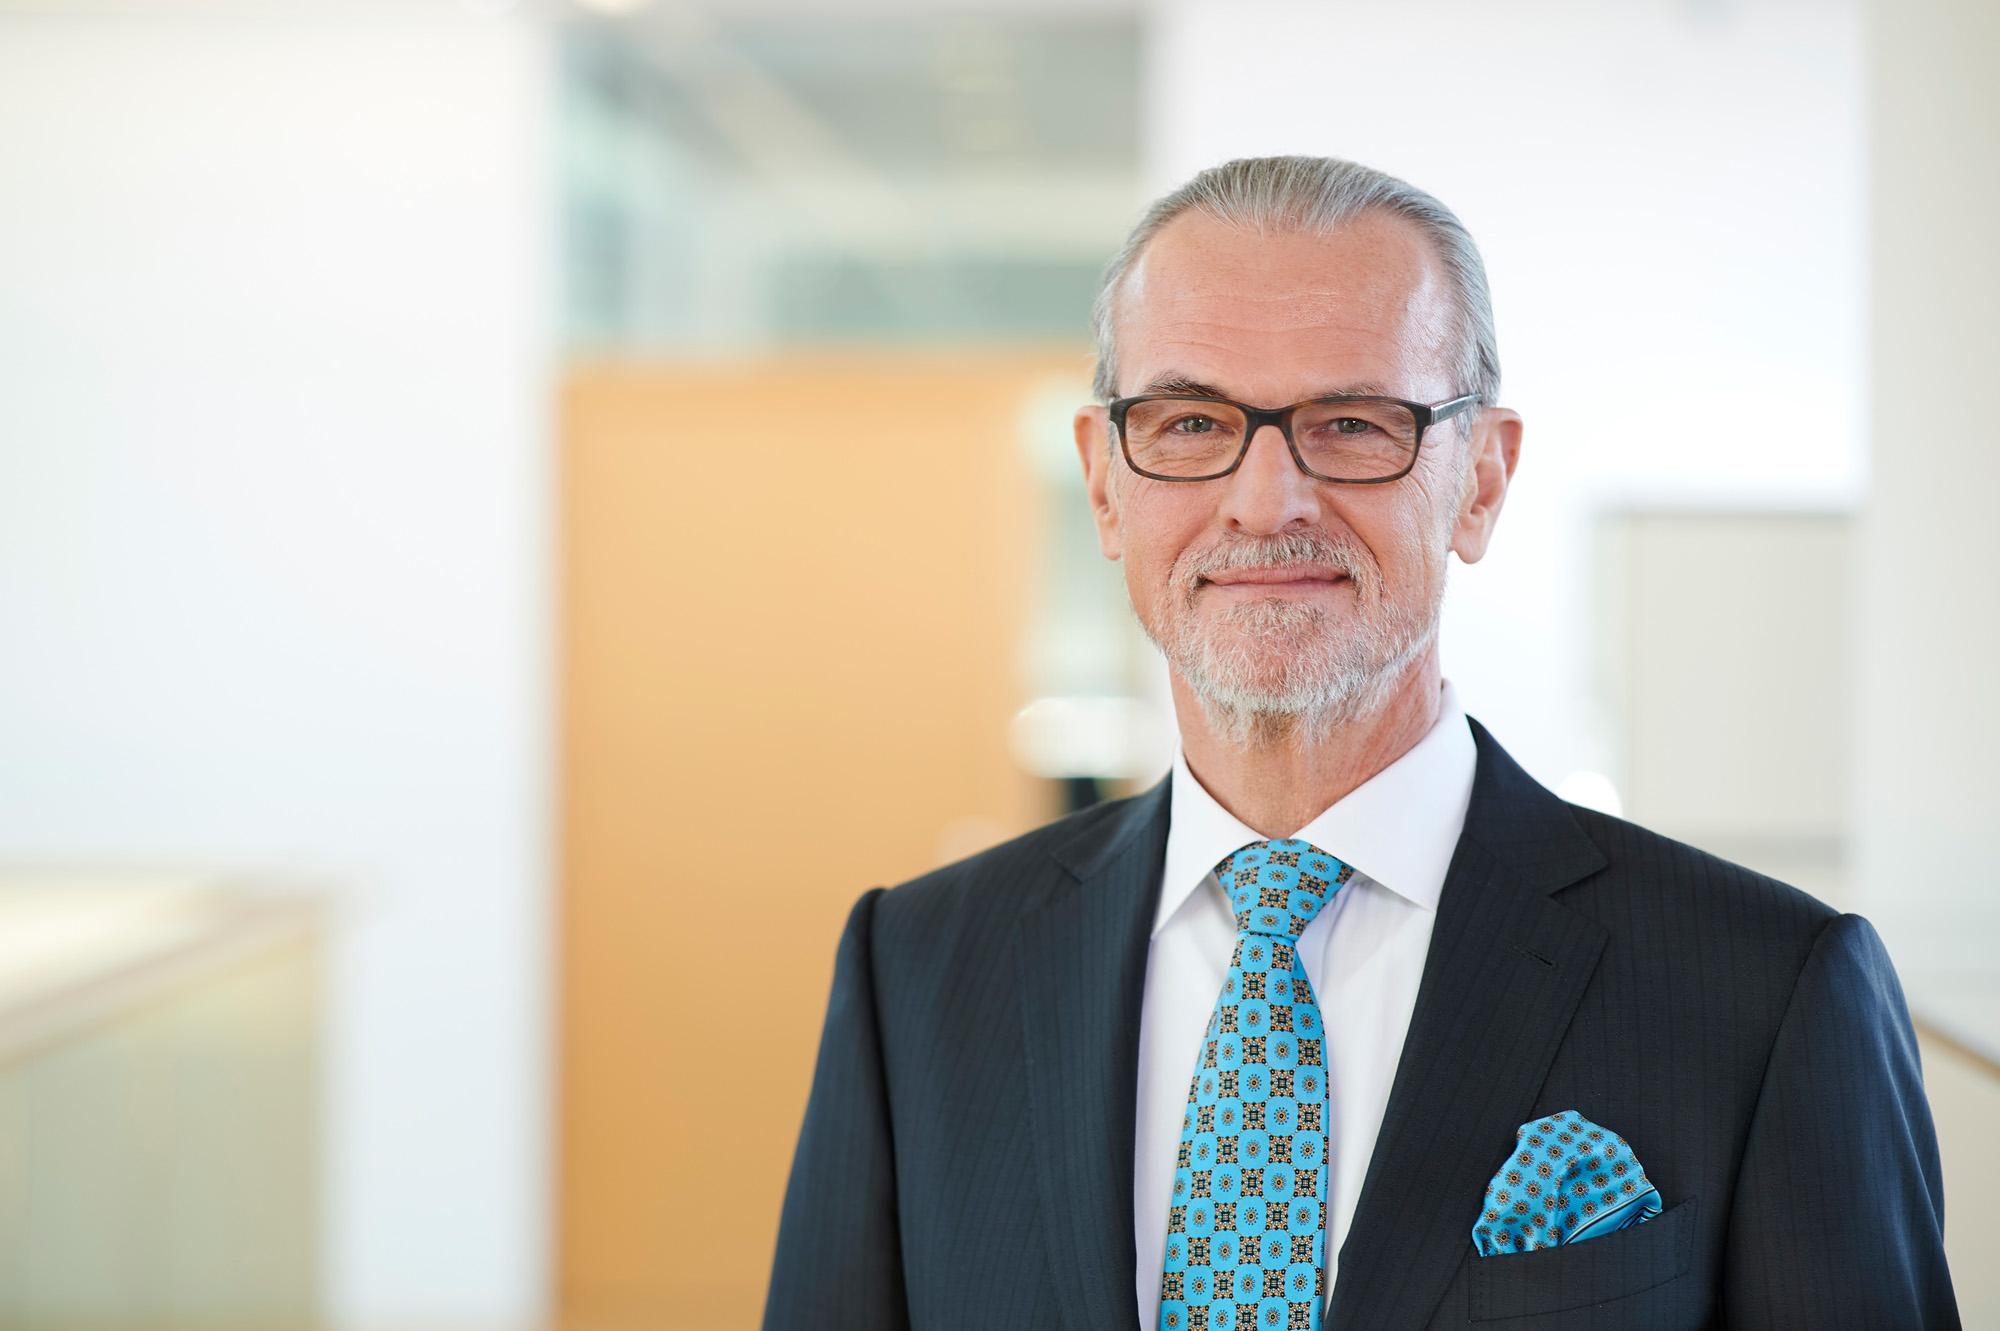 OPP 170117 0037 - Volksbank Stuttgart: Aufsichtsrat und Vorstände